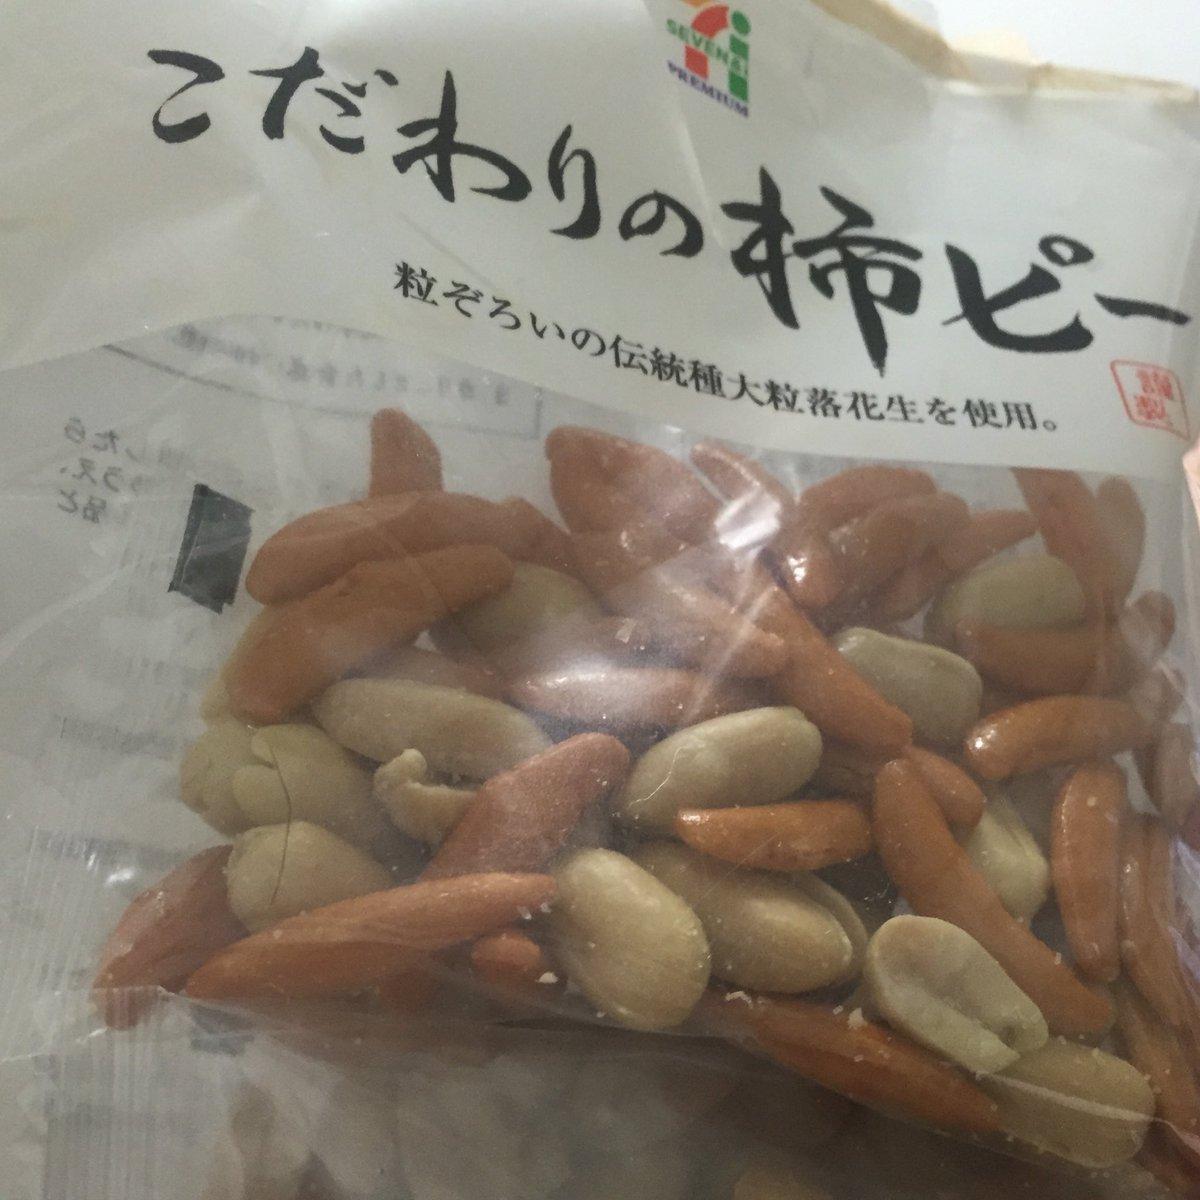 昨日tweetしたセブンで売ってた塩味が強いピーナツ、RTされてた先を見に行ったら「セブンの柿ピーうまい」的なtweet見つけて、ふだん食べてる亀田の柿の種と食べ比べてみようと買ってきたのだけど https://t.co/qcFUQzcwCm